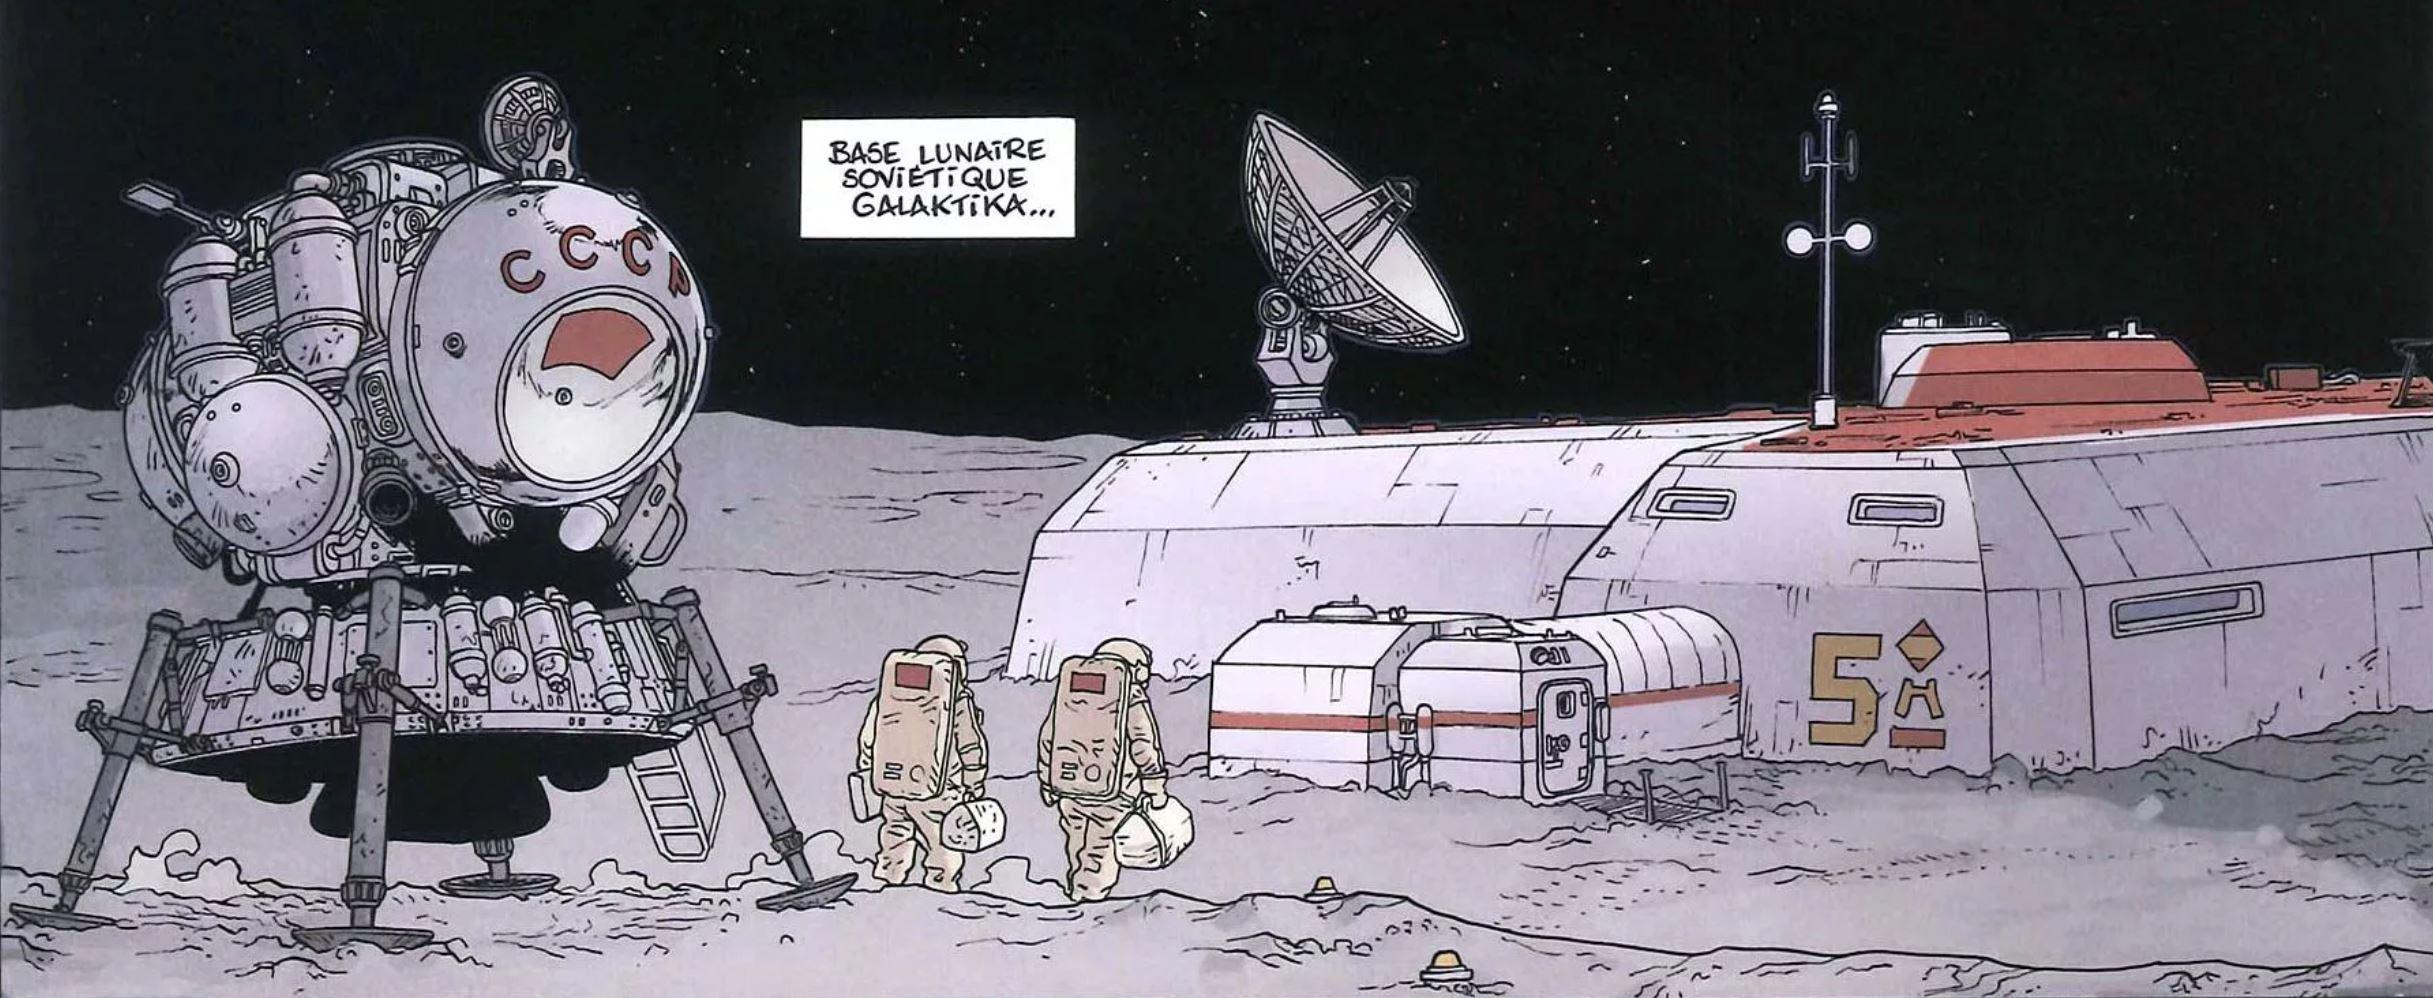 китайцы на луне смешные картинки пользу троллейбусов увеличенным